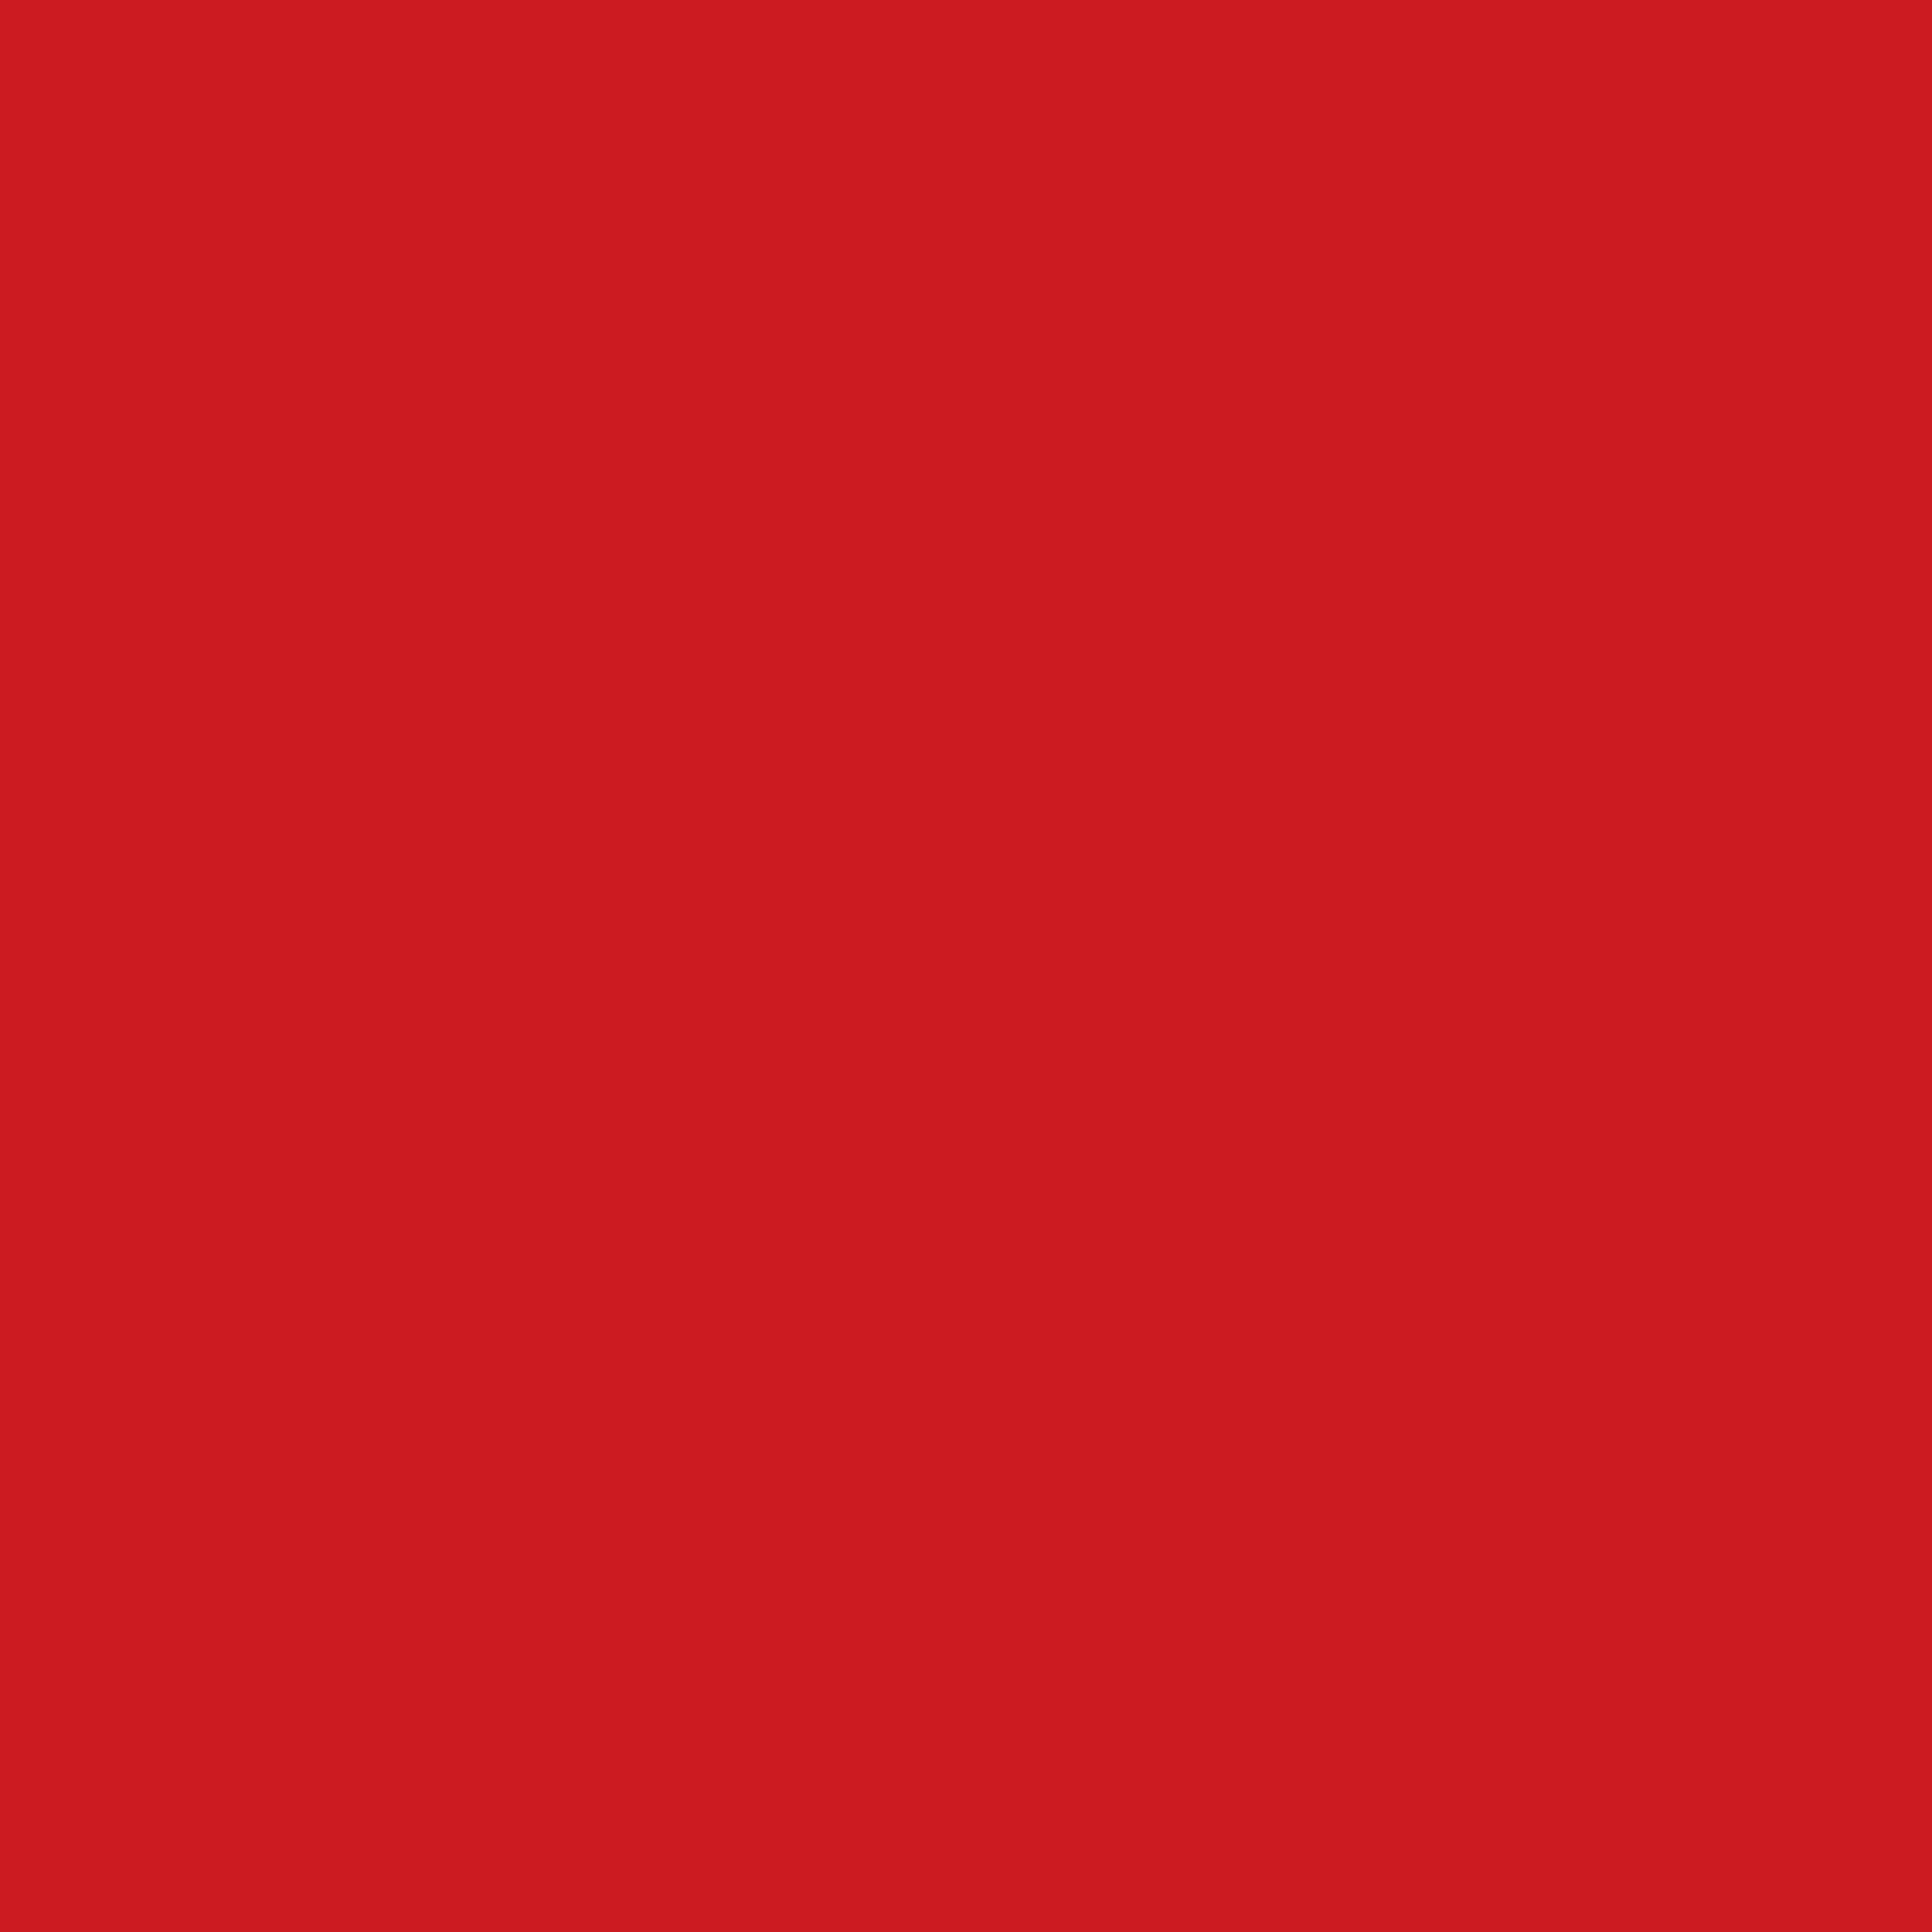 4mm Red Glass Splashback